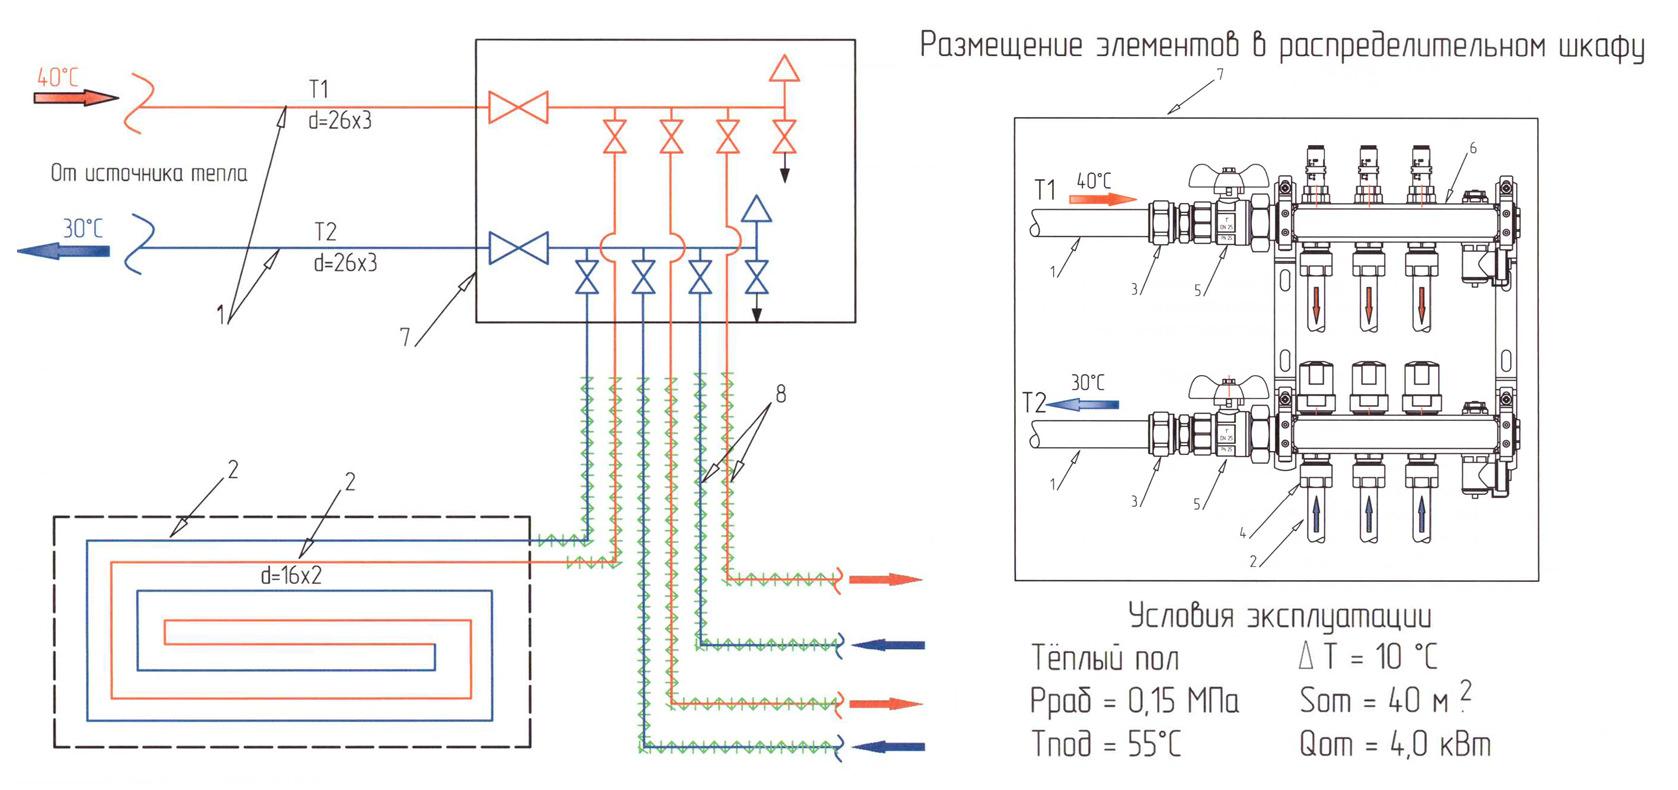 Схема отопления теплых полов 40м2